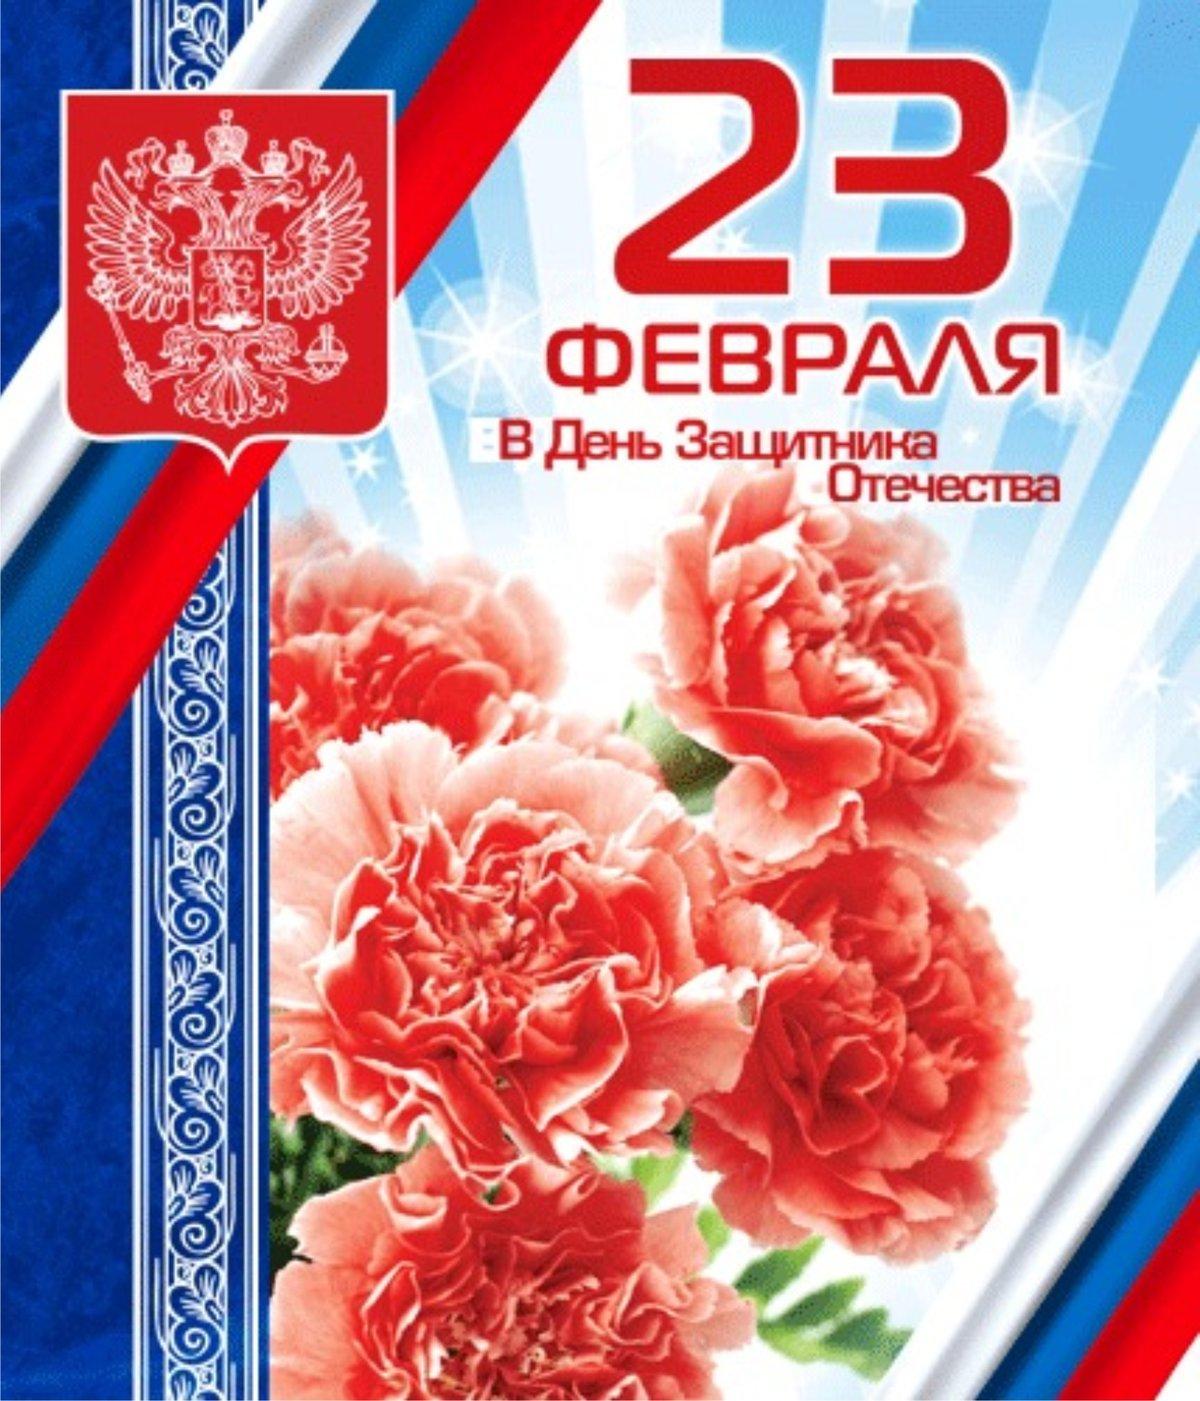 Диане день, открытка с 23 февраля формата а4